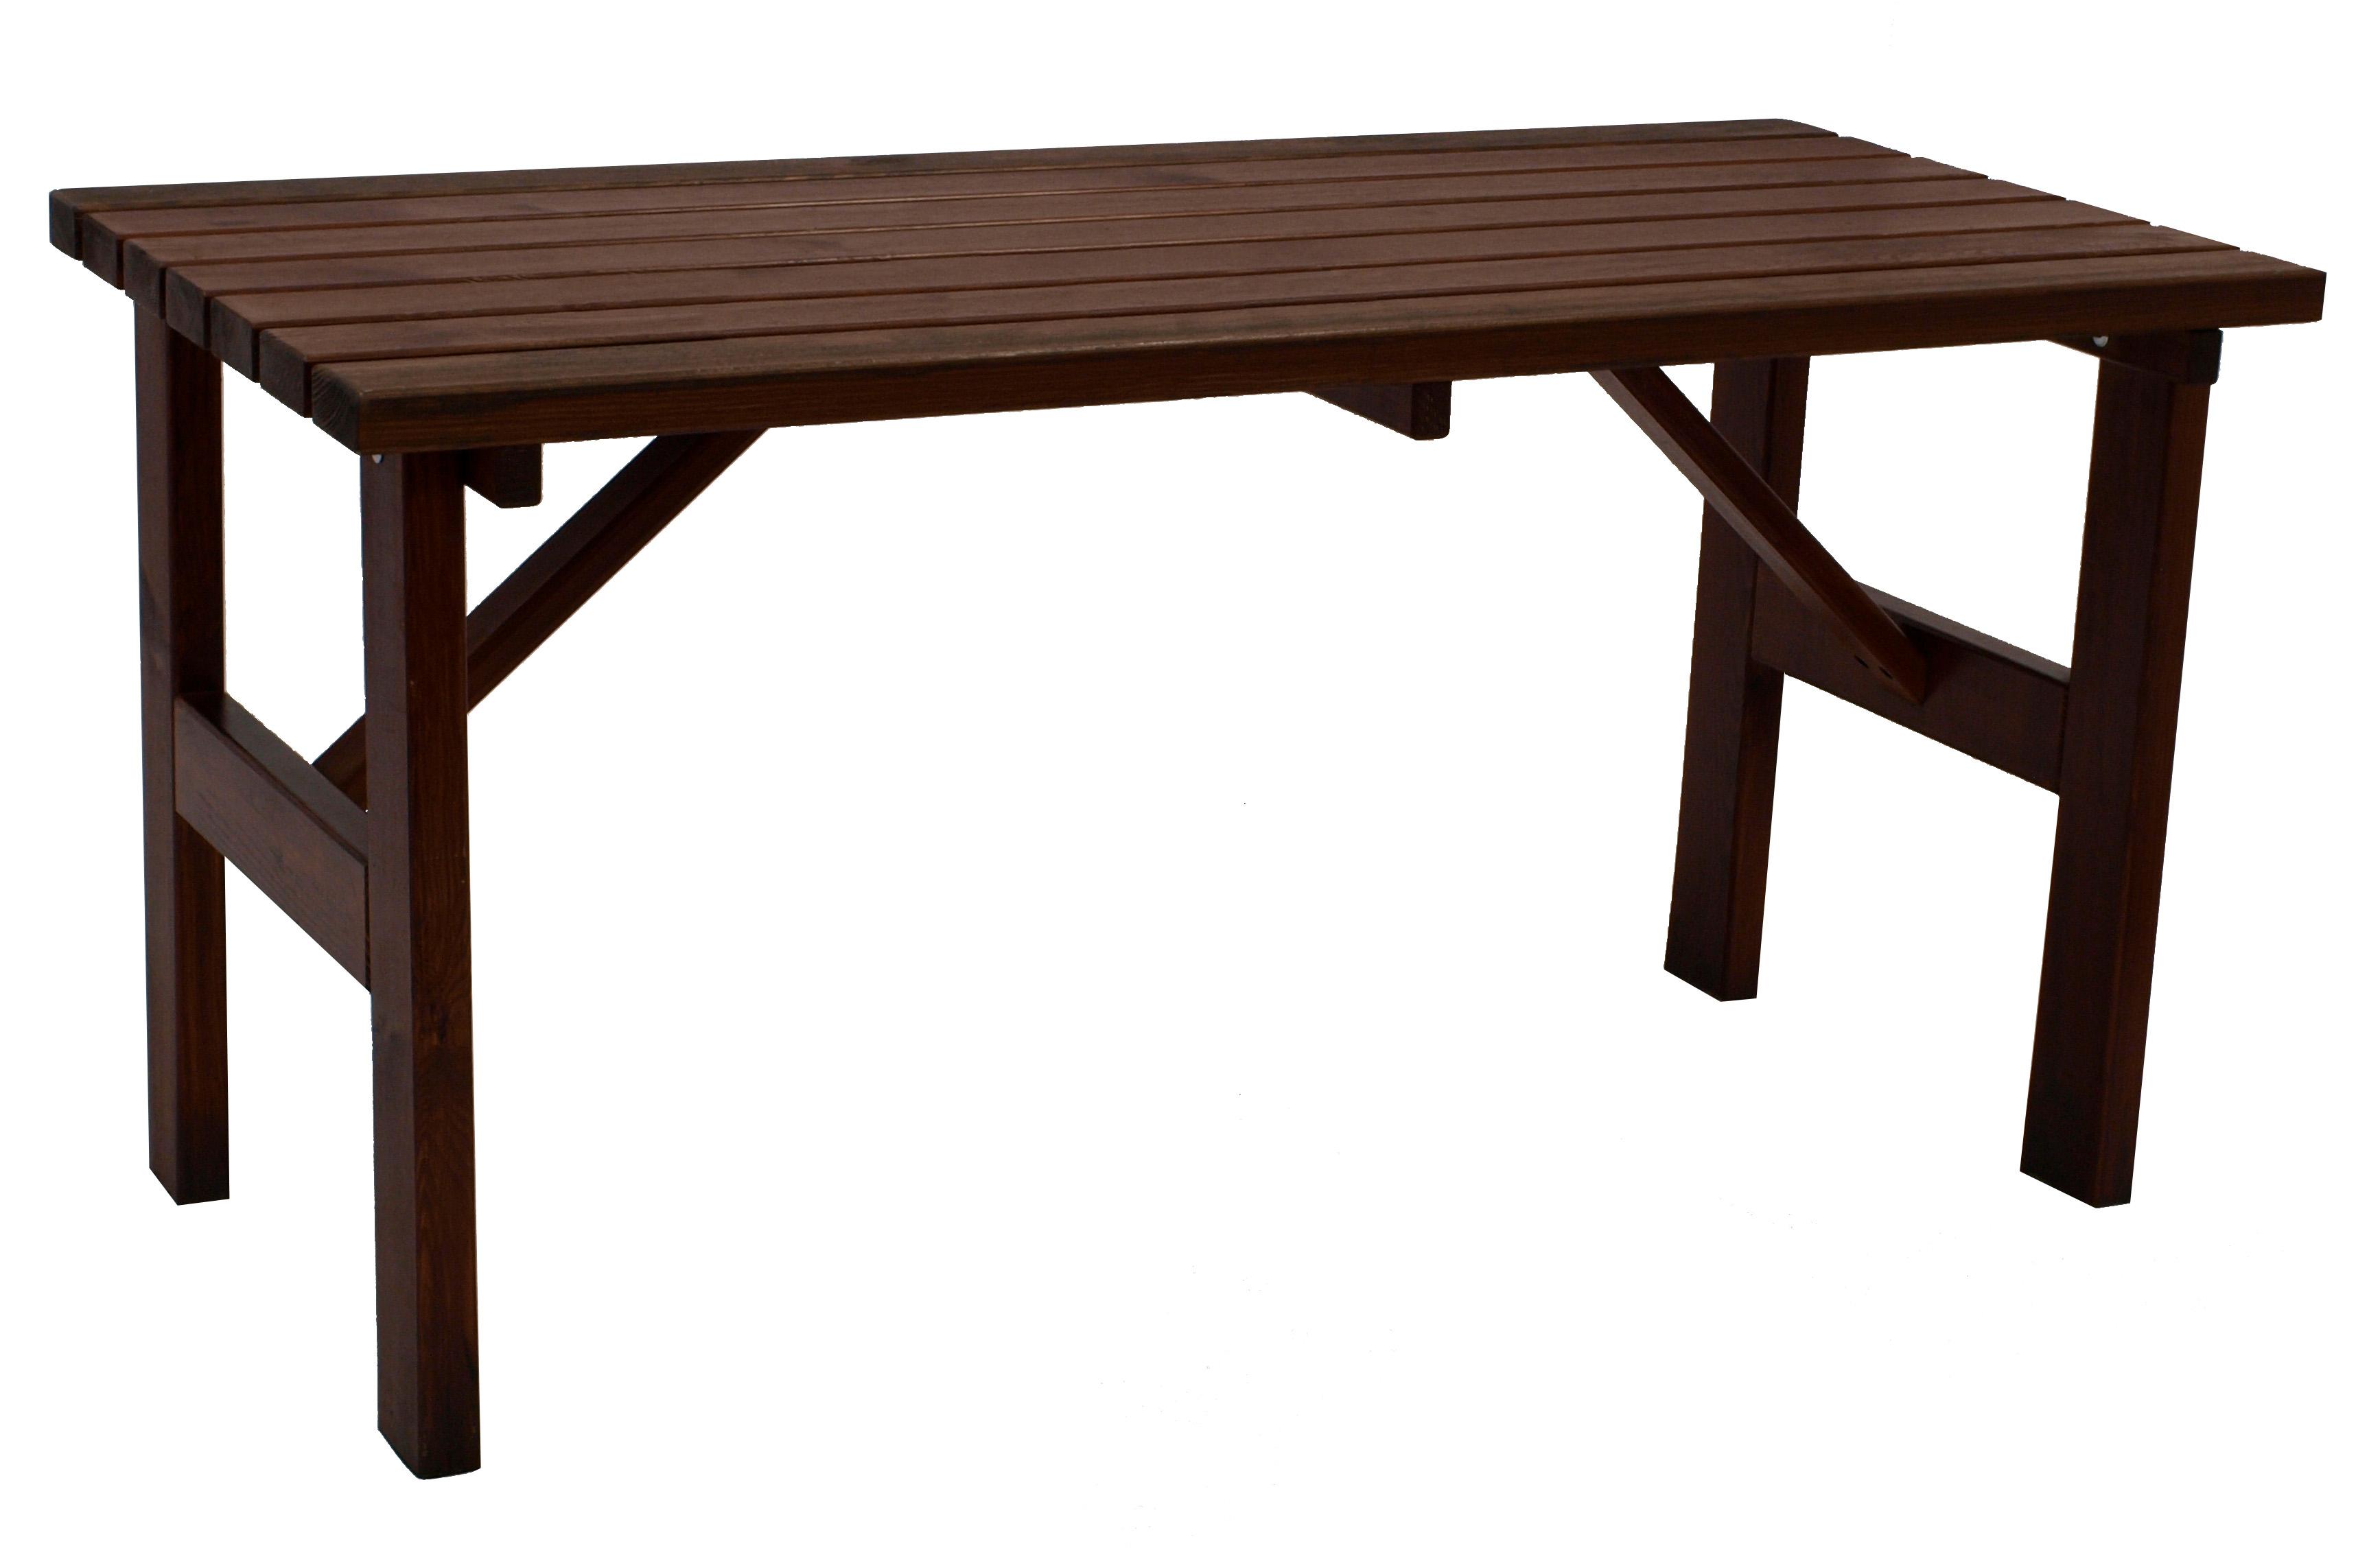 Tisch TESSIN  73x150cm, Kiefer dunkelbraun lackiert